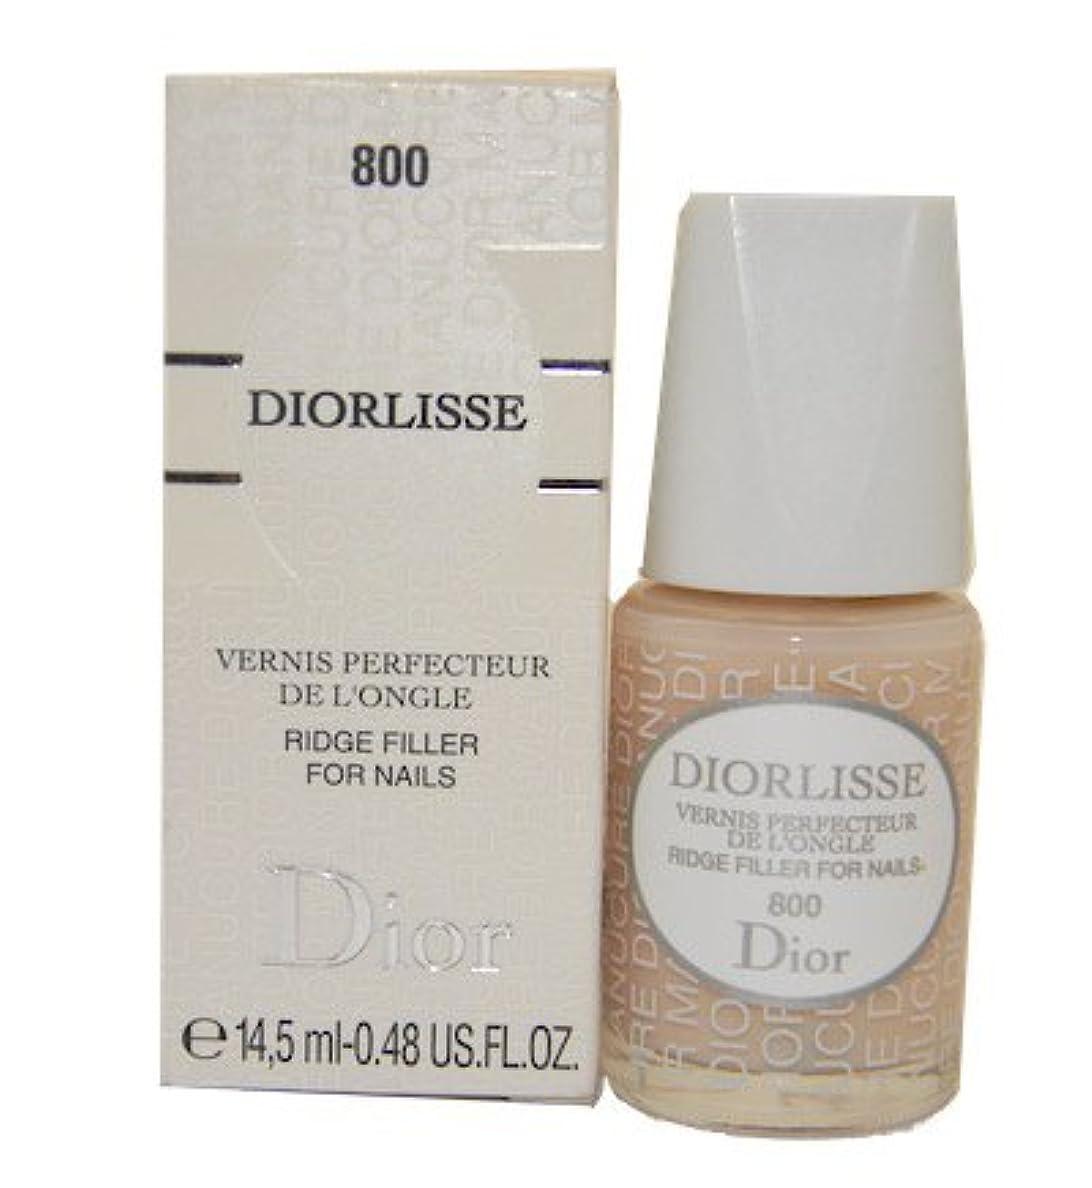 核ルート可愛いDior Diorlisse Ridge Filler For Nail 800(ディオールリス リッジフィラー フォーネイル 800)[海外直送品] [並行輸入品]